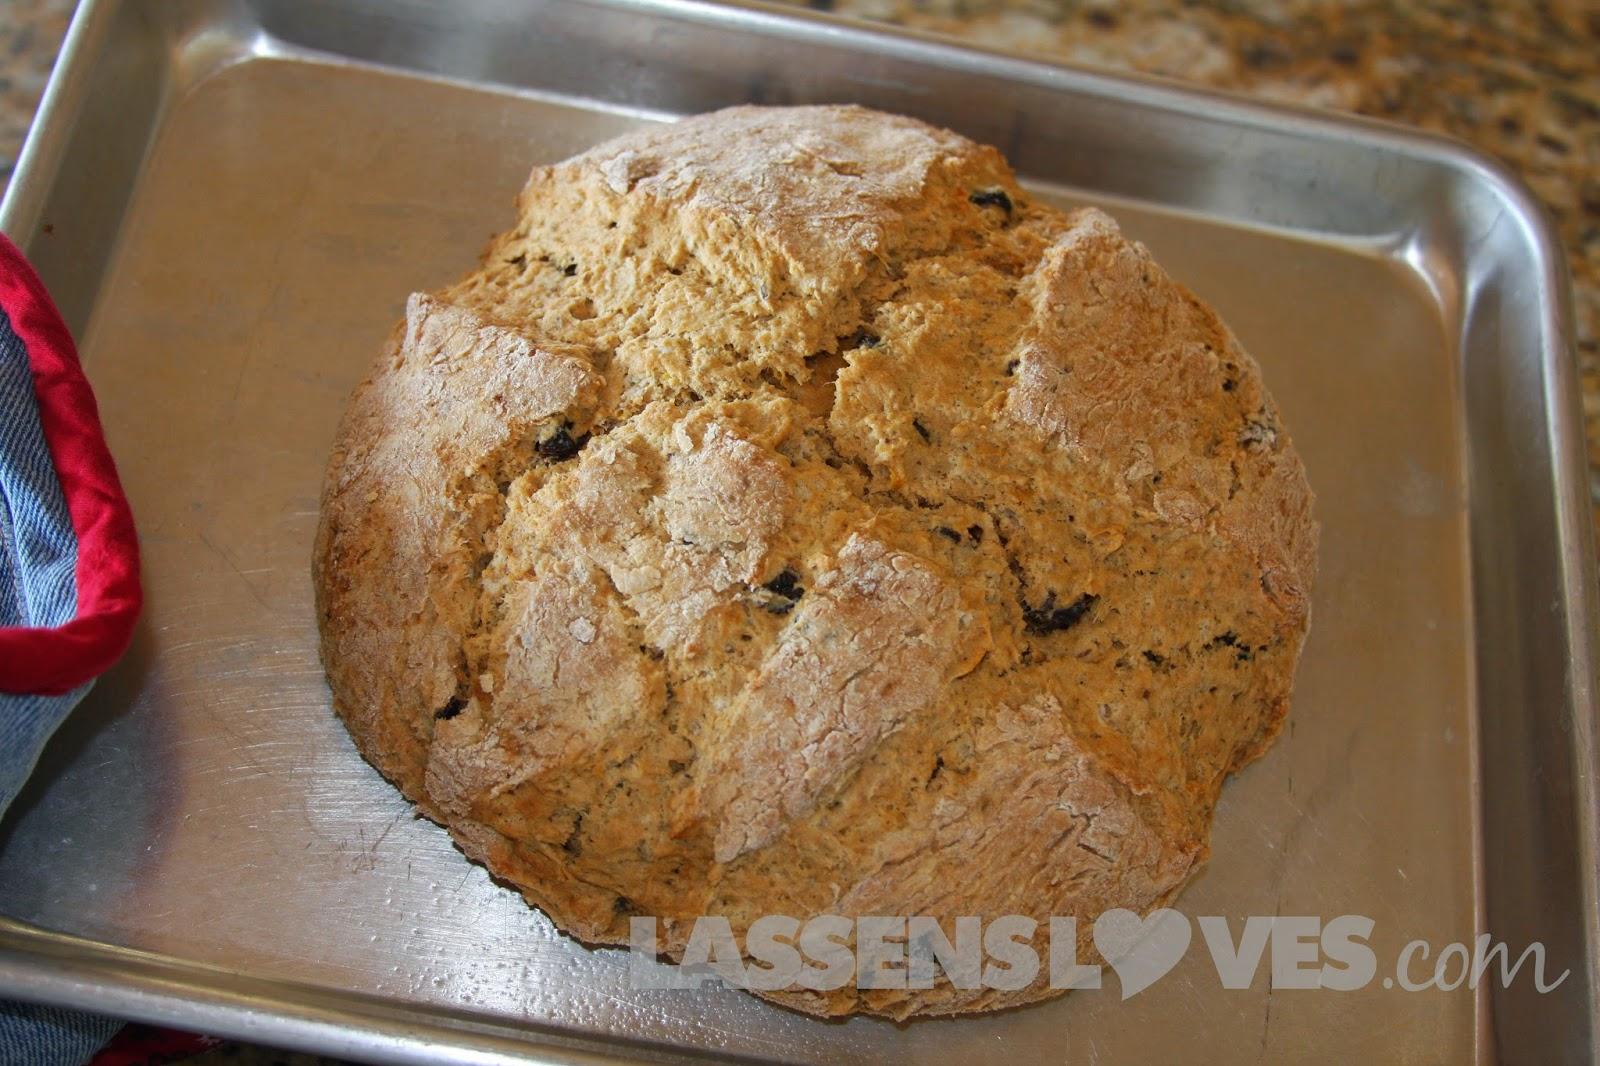 Irish+Soda+Bread, Healthy+Irish+Soda+Bread